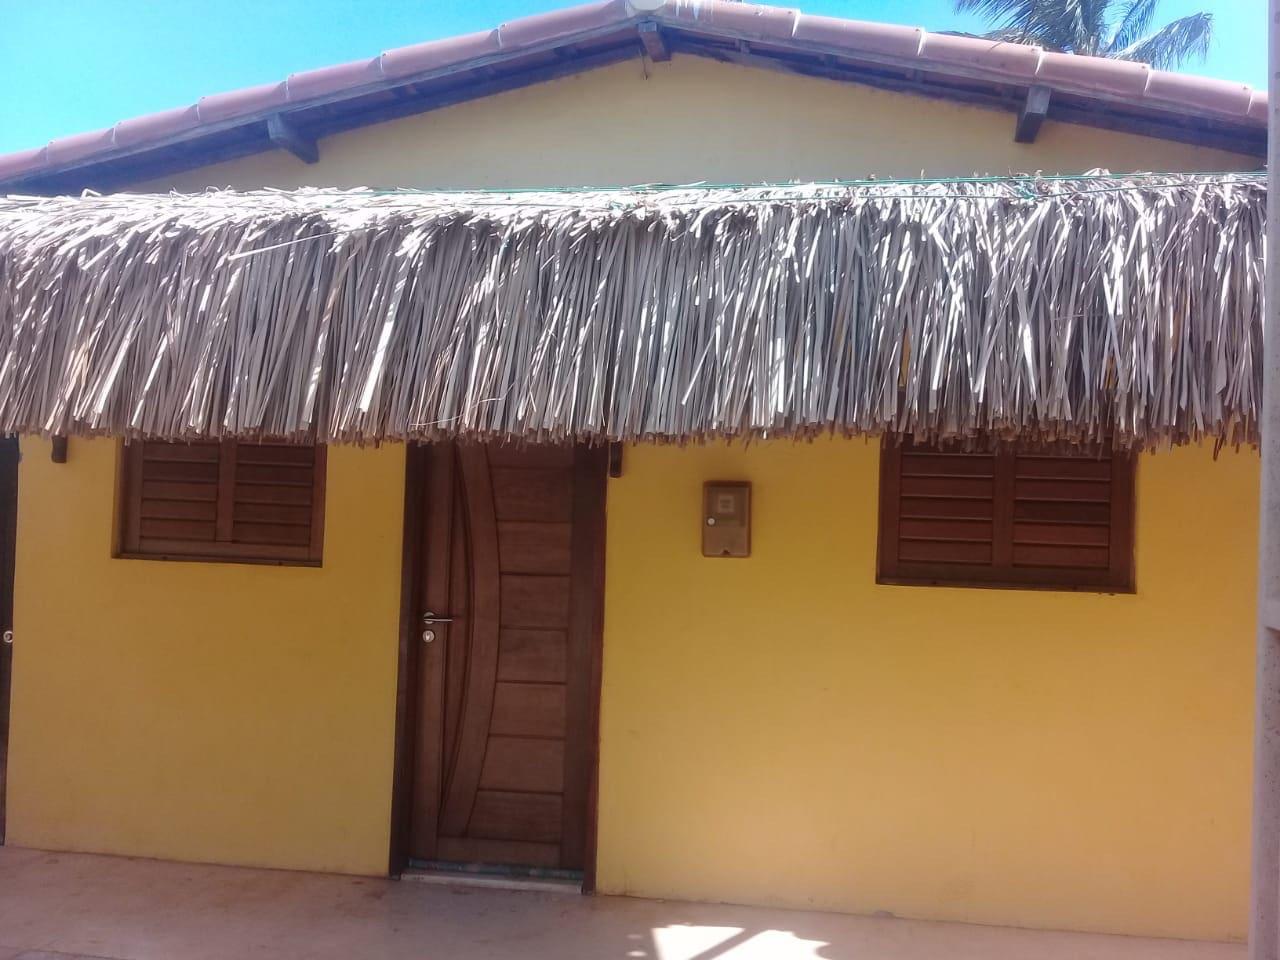 Uma casinha original por fora e toda confortável por dentro bem na vila dos pescadores! Toda charmosinha!